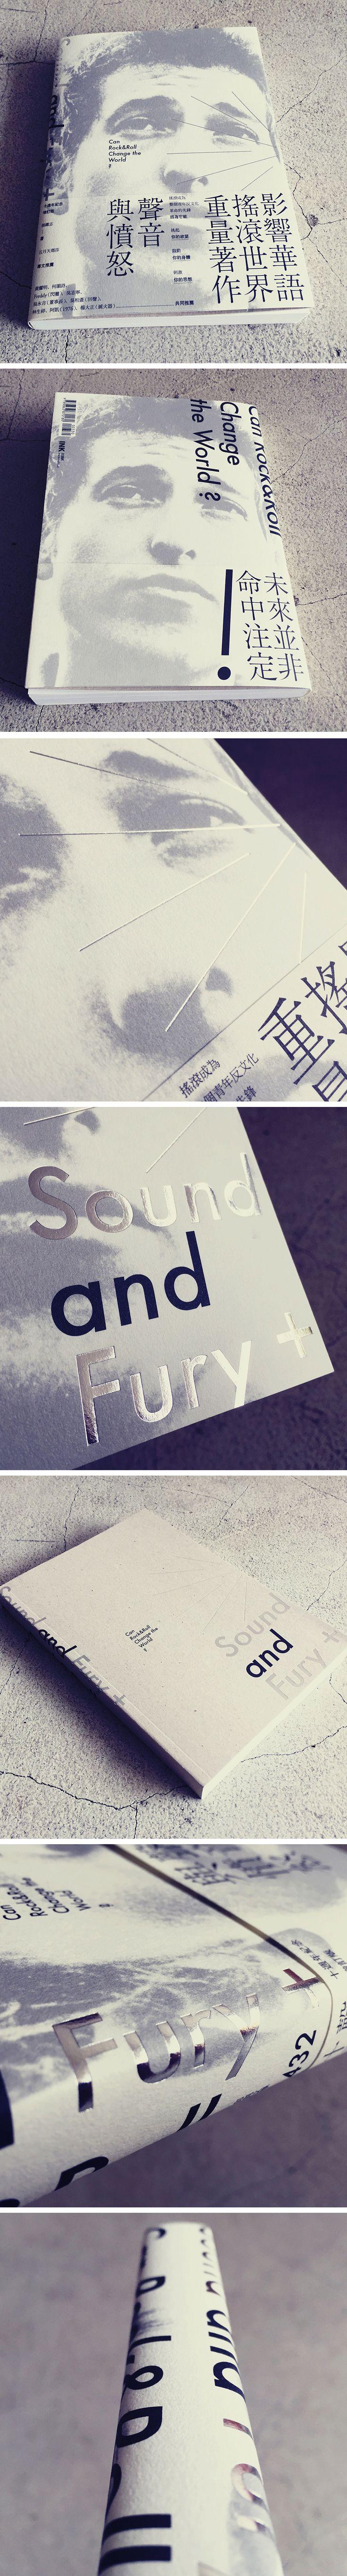 書籍設計:王志弘 - Sound and Fury+: Can Rock&Roll Change the World ?